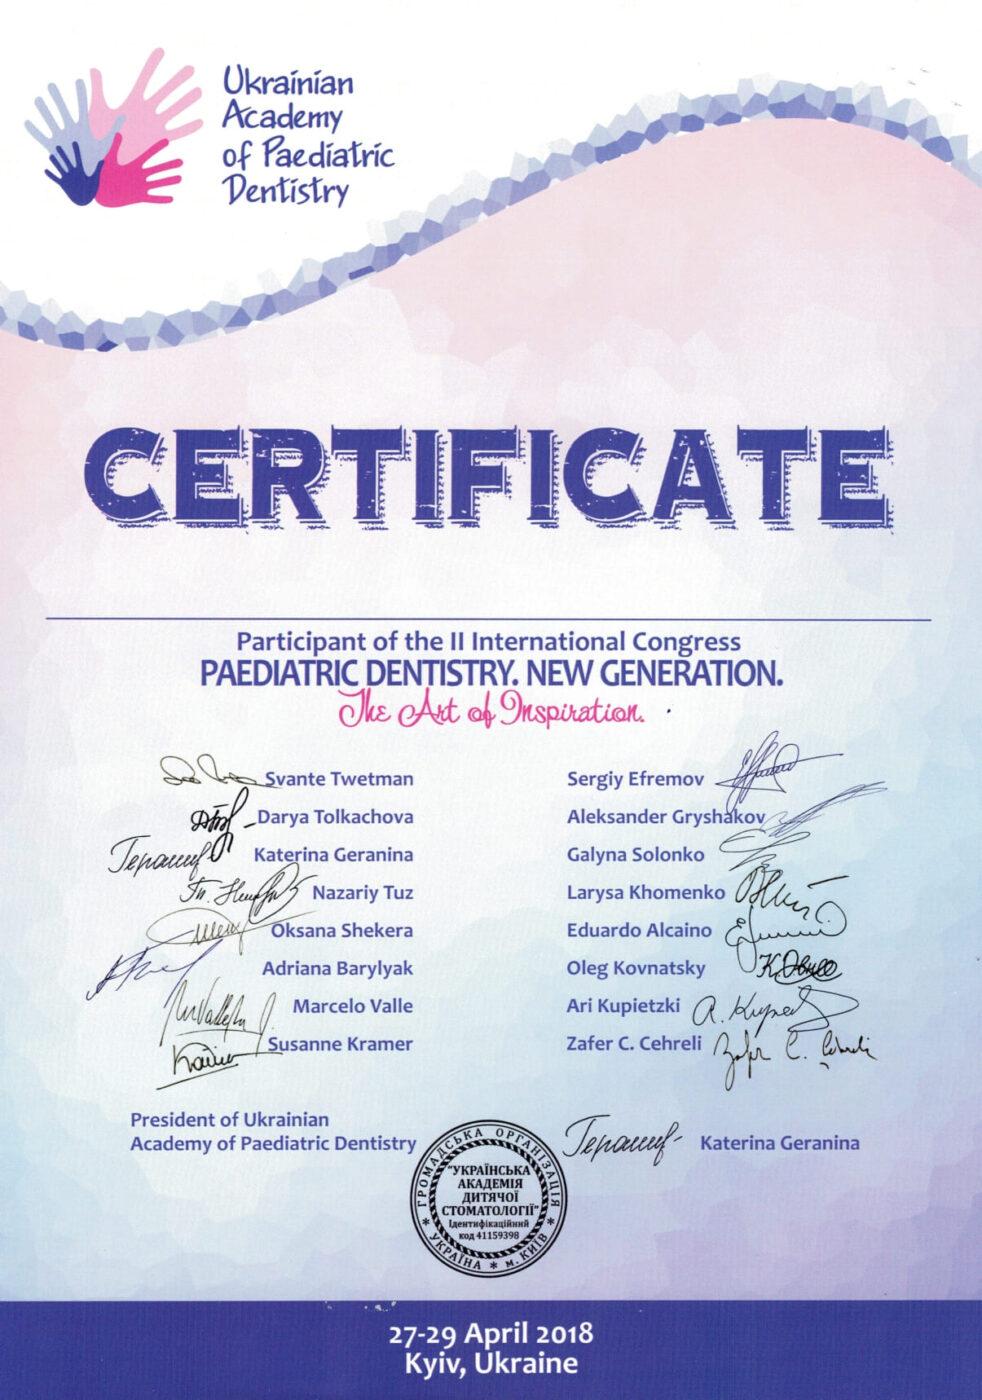 Сертифікат дитячого лікаря стоматолога Мірошниченко Олени Вікторівни об участі у международном конгресі (II International Congress PAEDIATRIC DENTISTRY. NEW GENERATION)